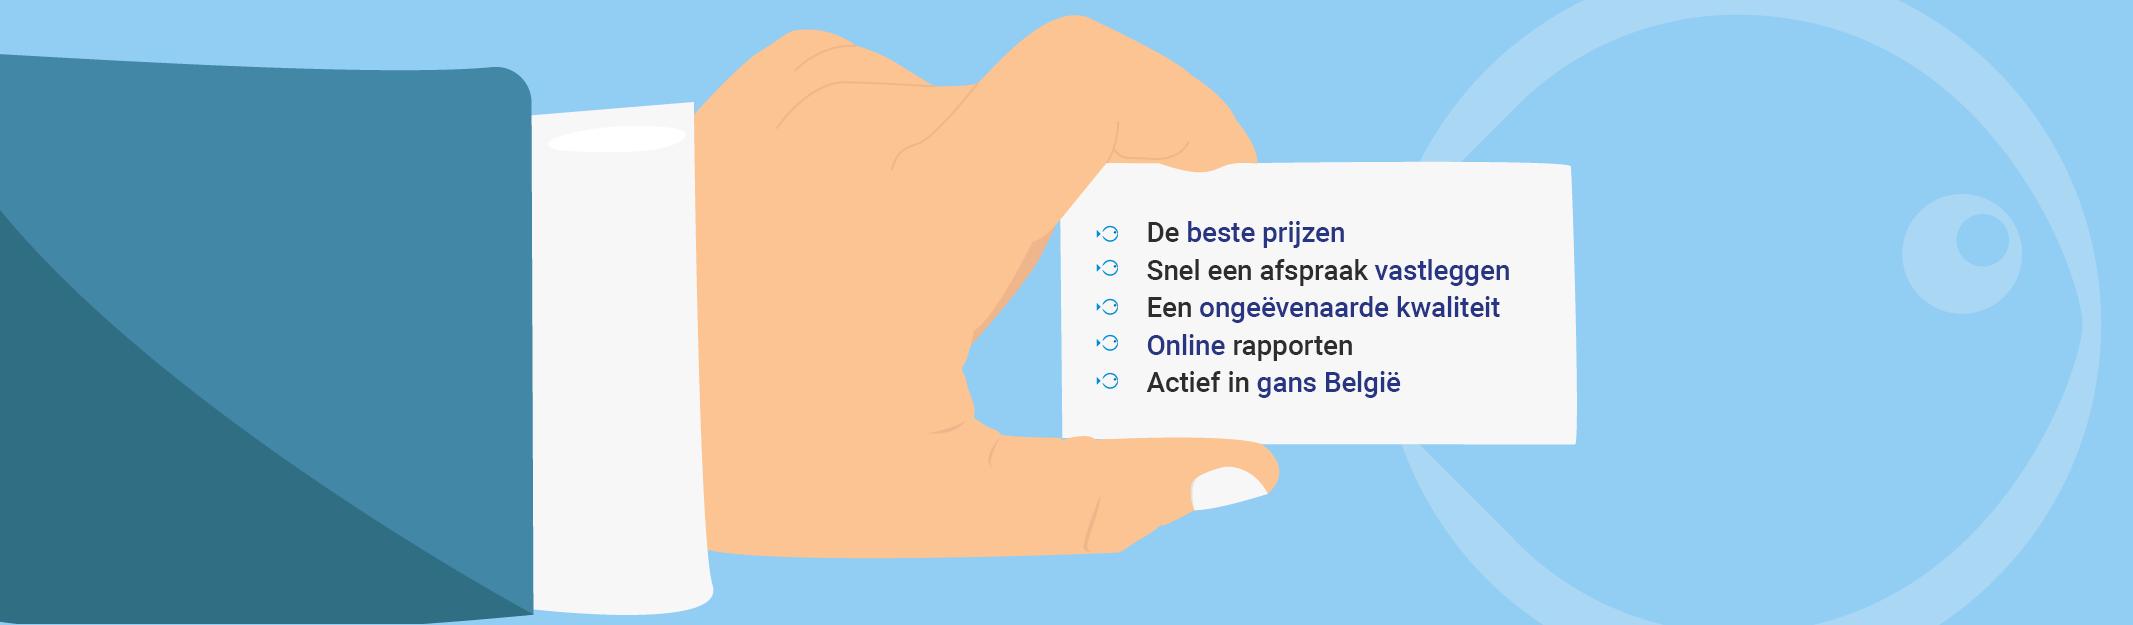 Banns-01-02_NL